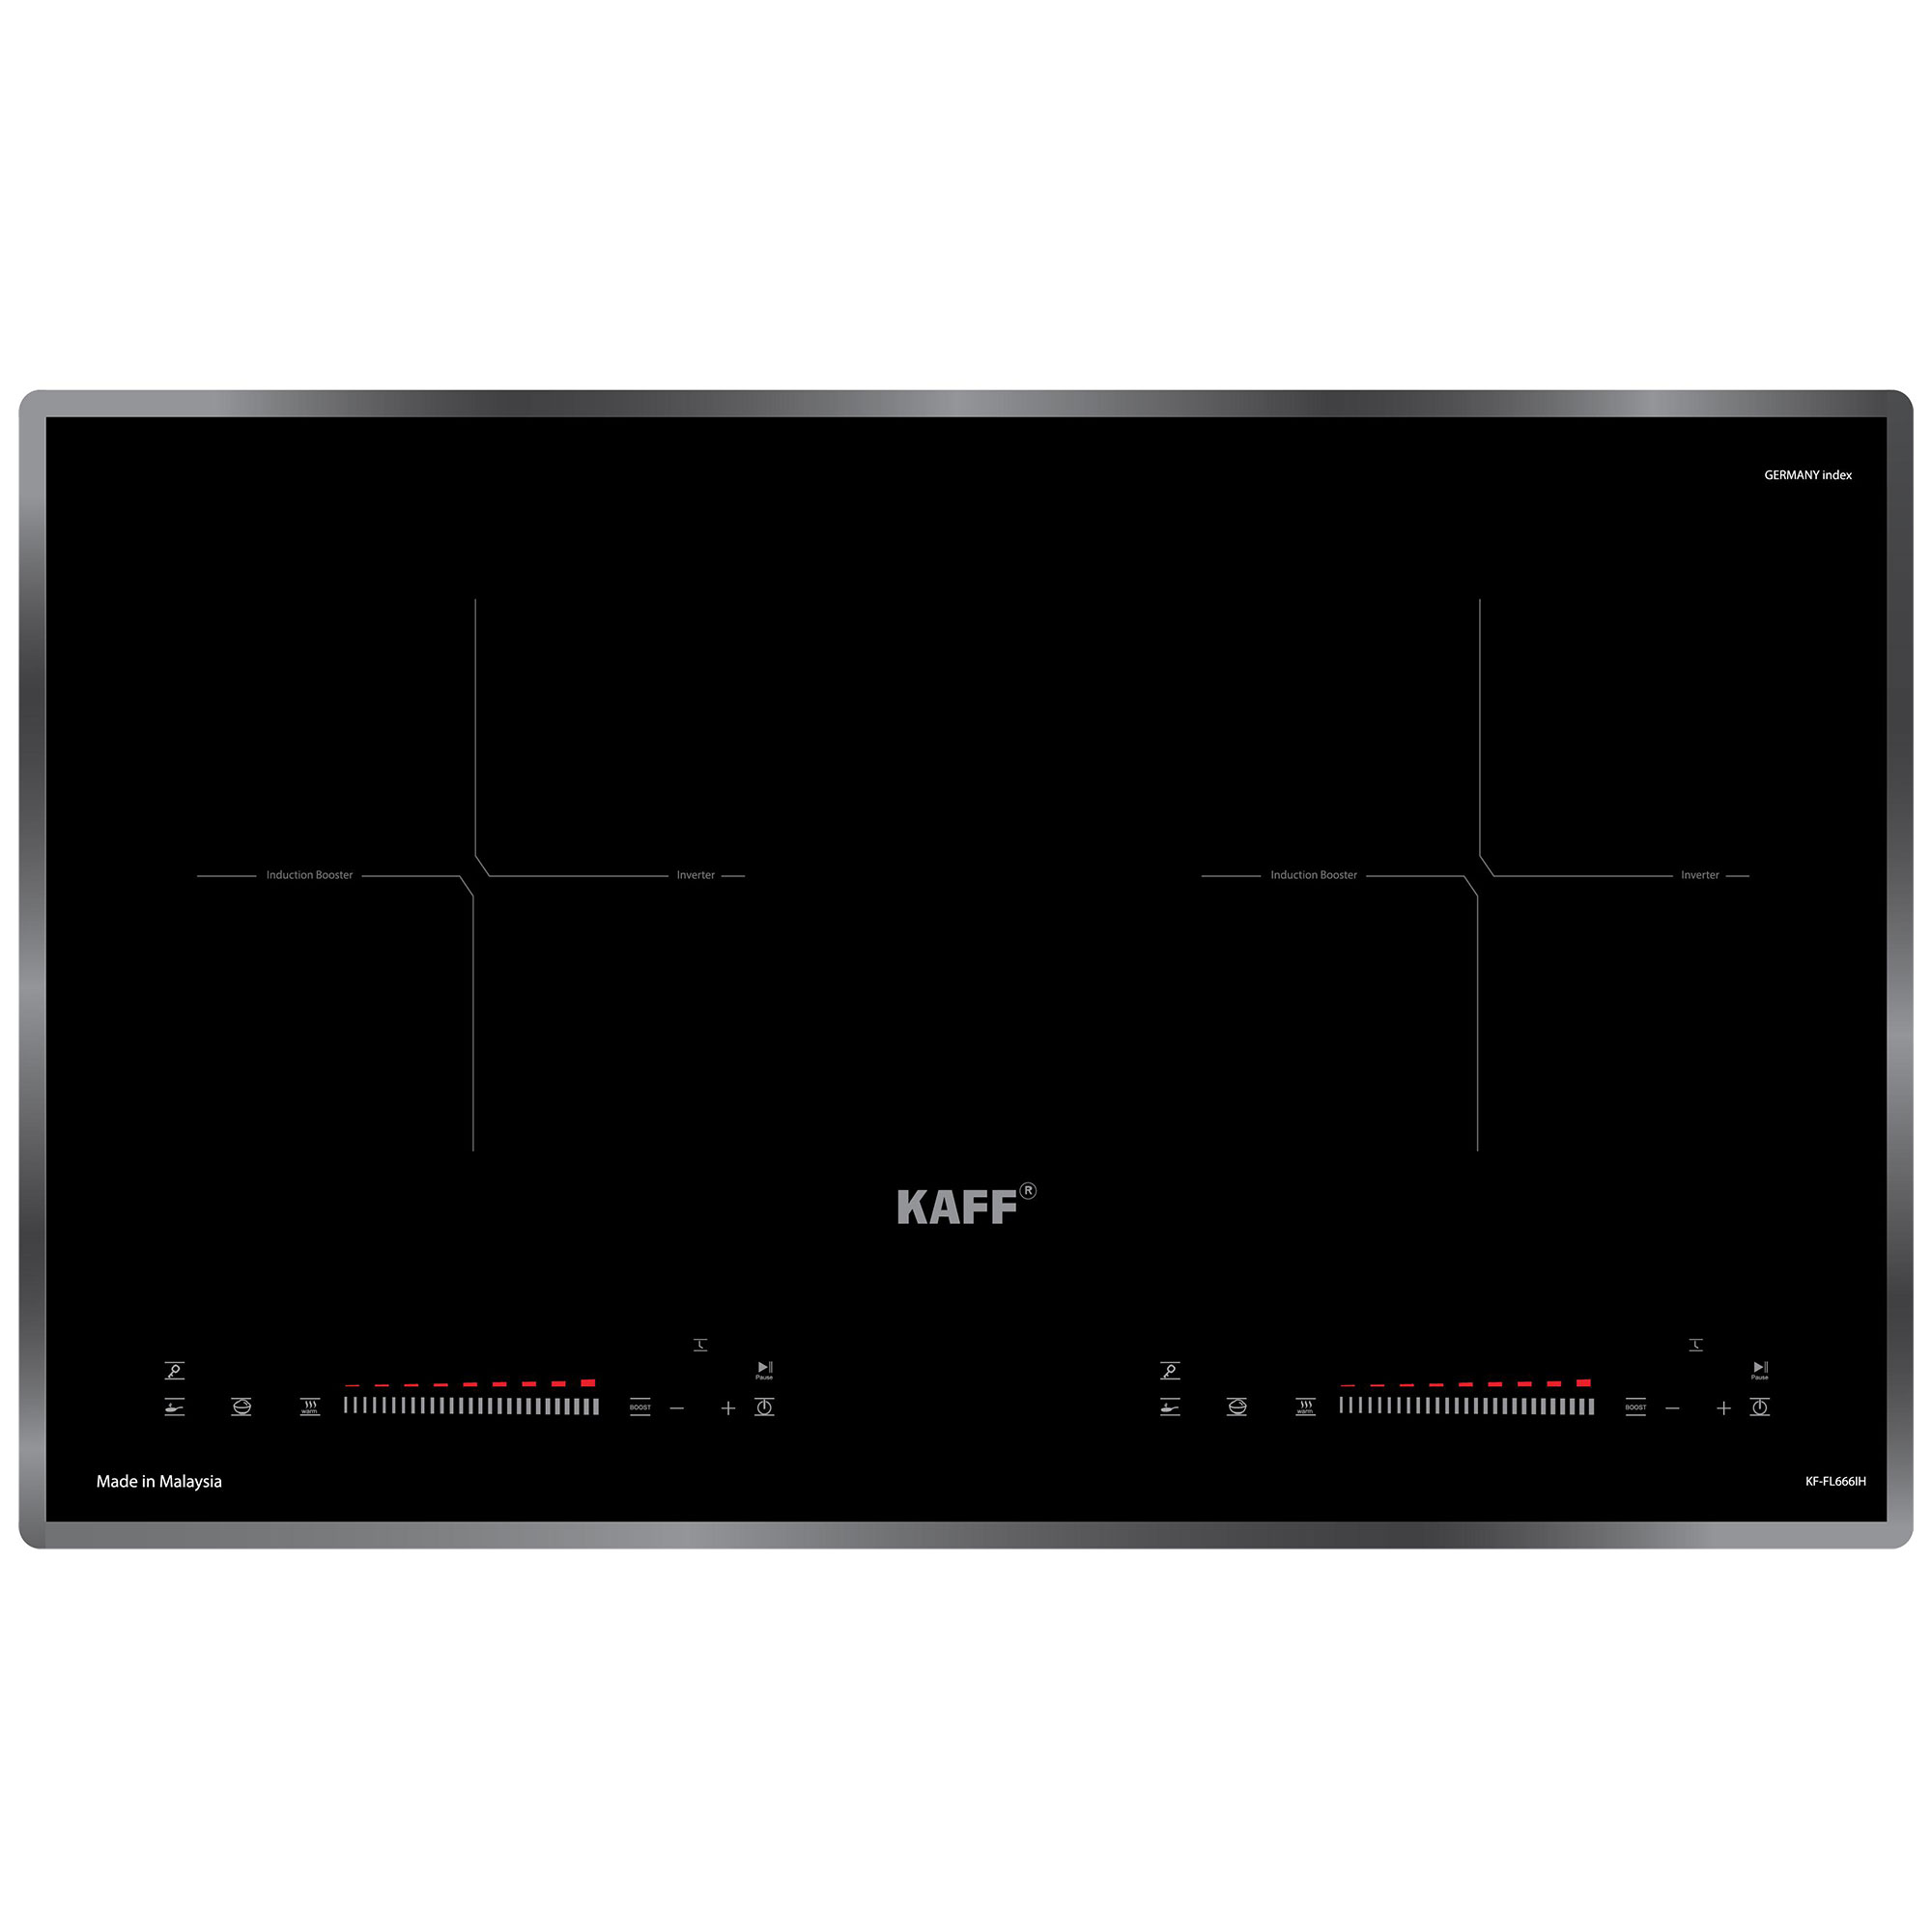 Bếp Từ KAFF KF-FL666II chính hãng tại Bếp Hoàng Gia